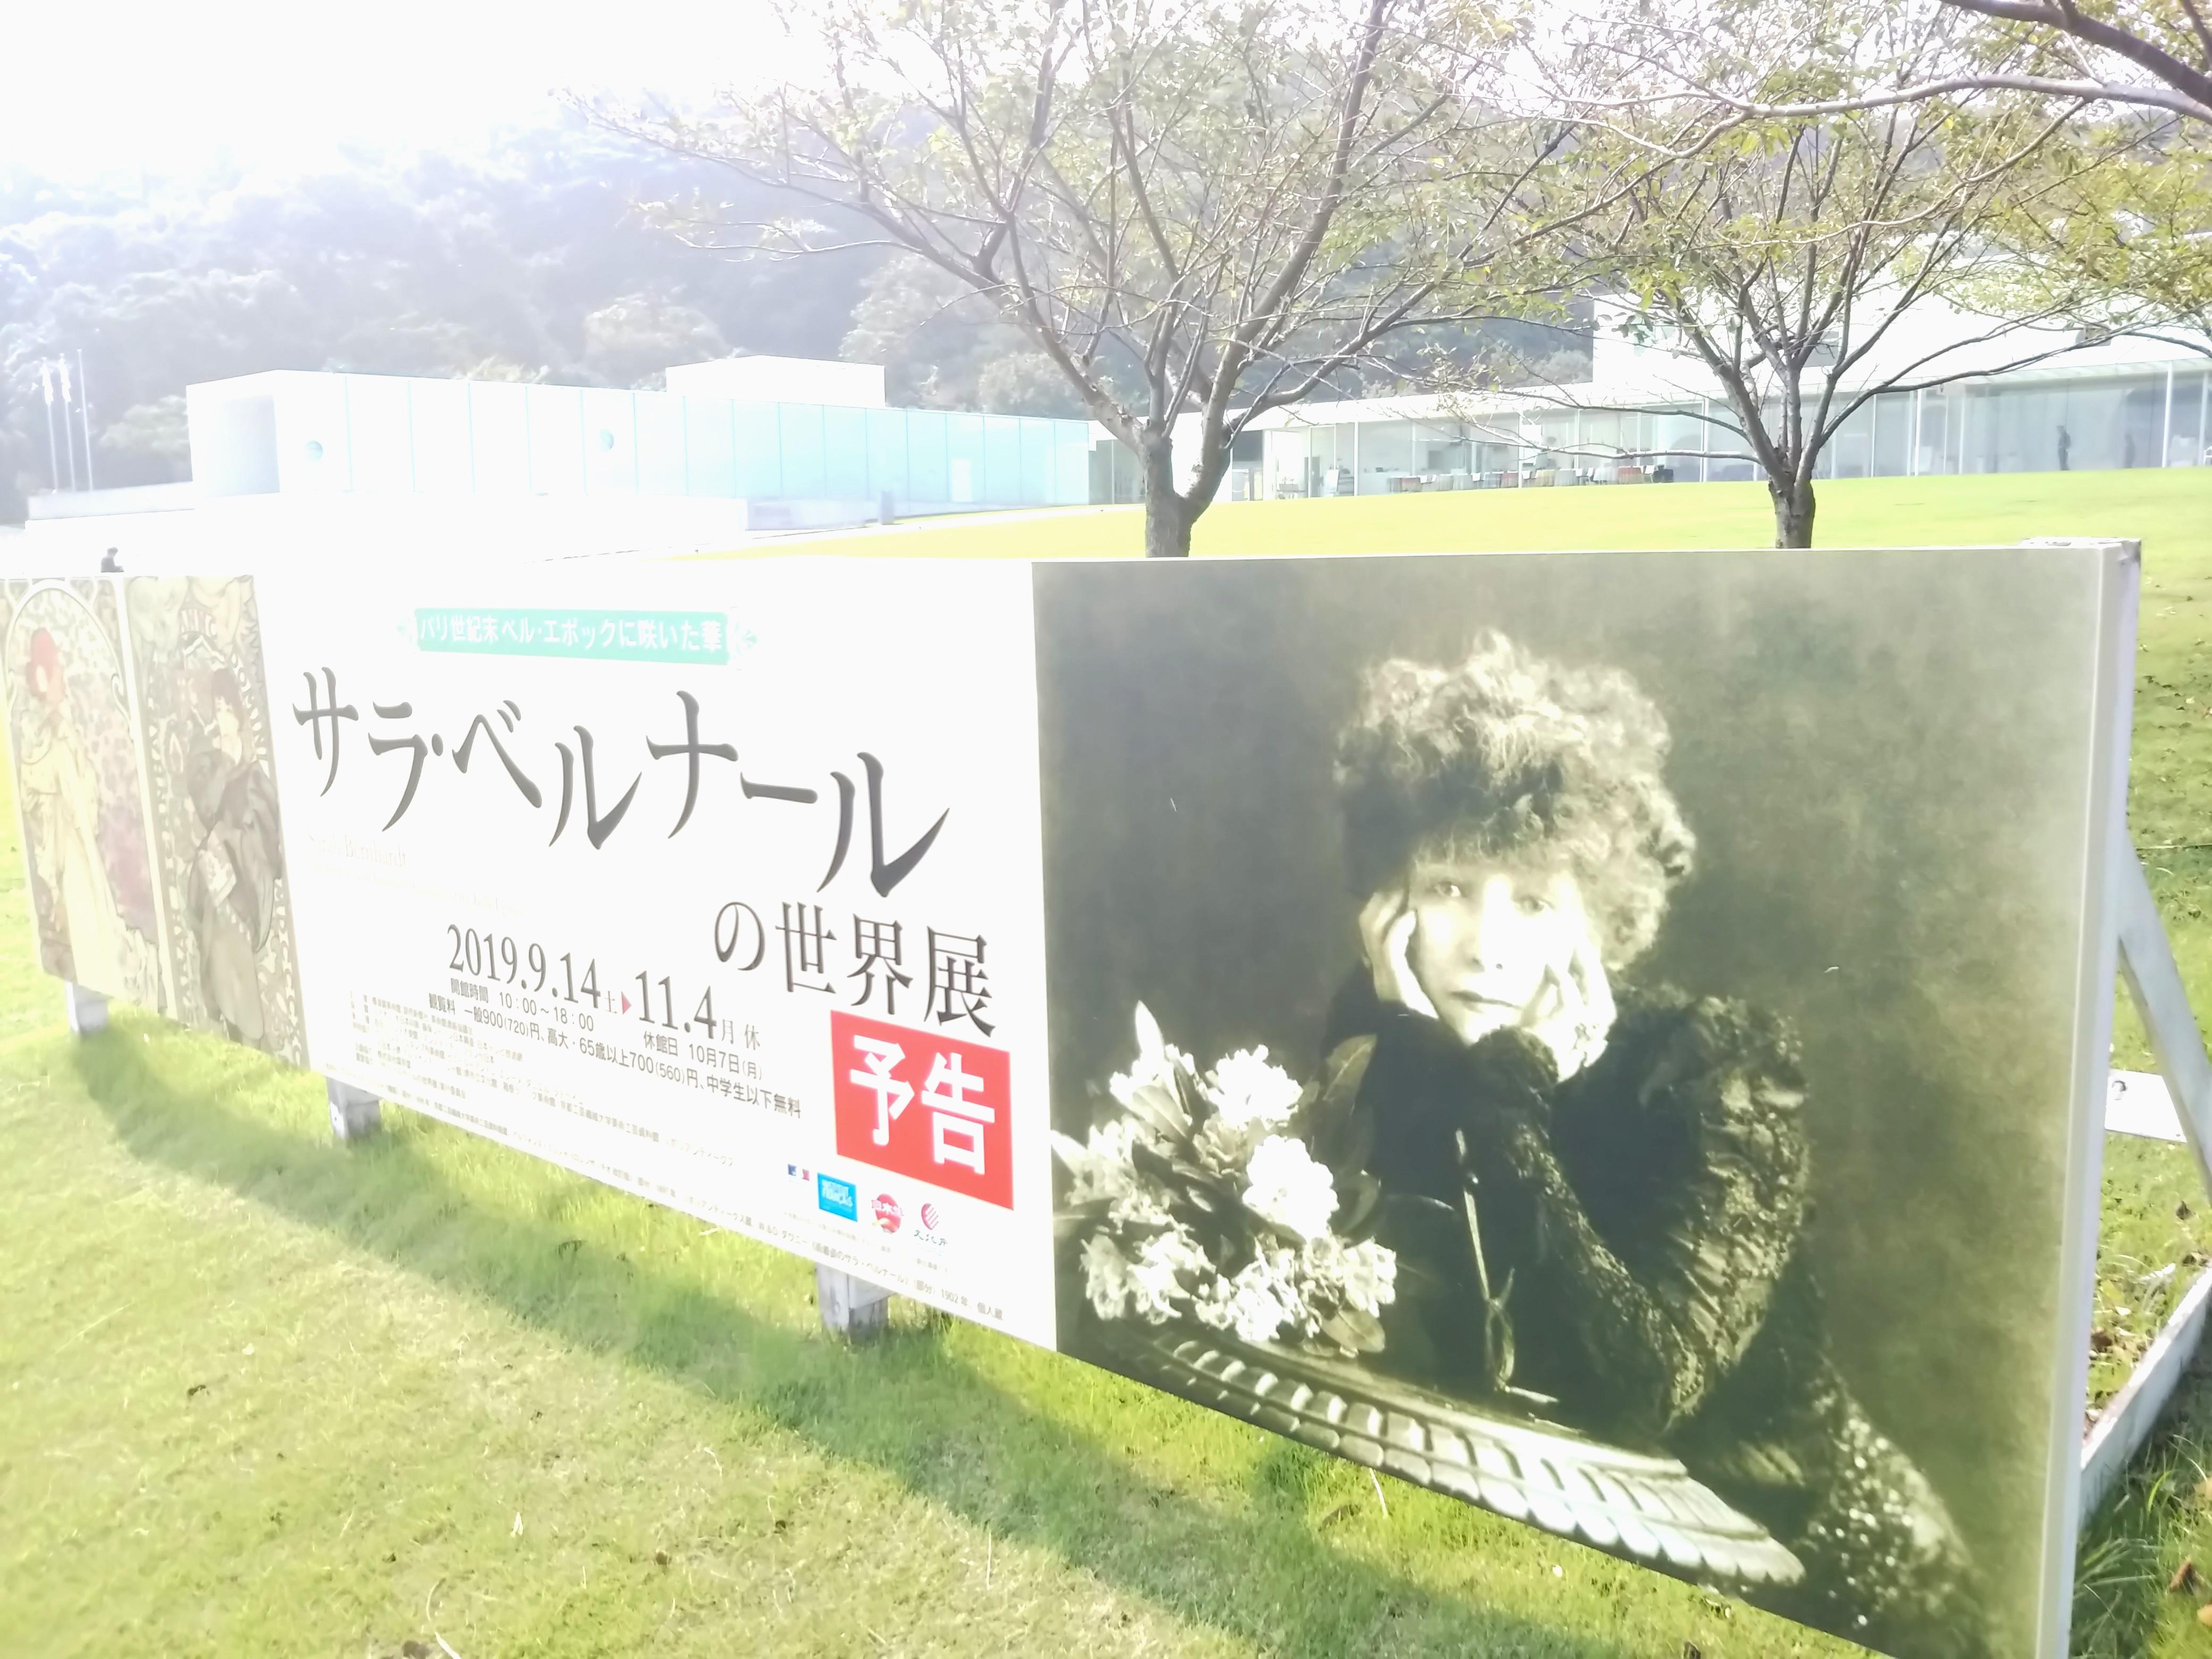 横須賀美術館サラ・ベルナールの世界展看板